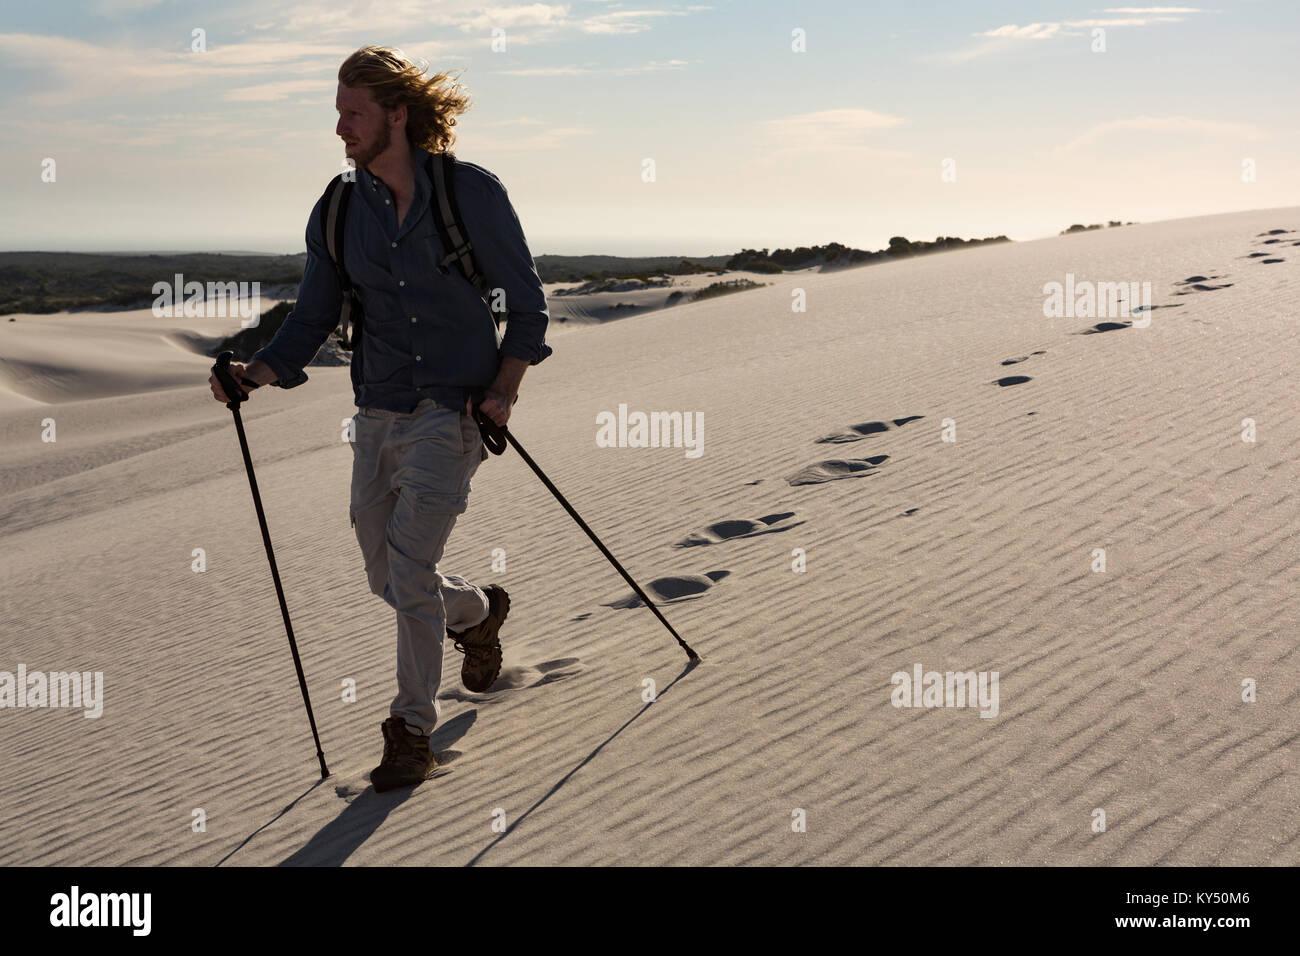 Escursionista con polo trekking a piedi sulla sabbia Immagini Stock